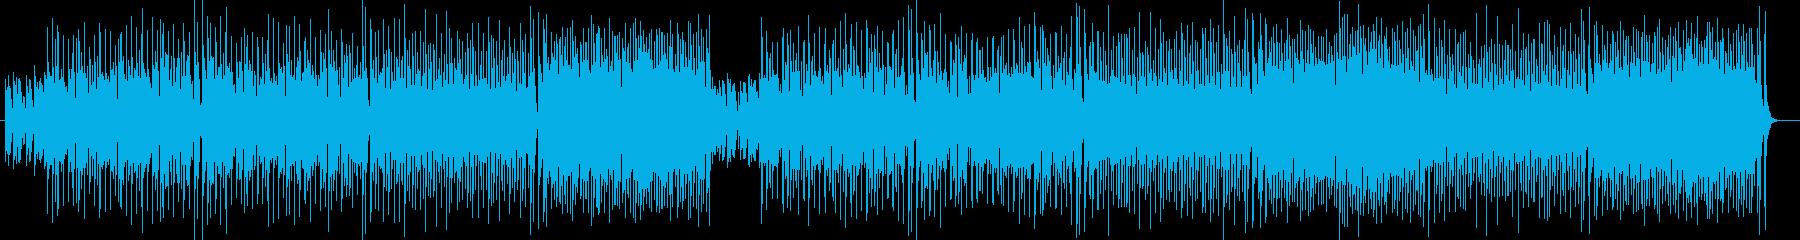 ほのぼの爽やかなシンセサイザー曲の再生済みの波形